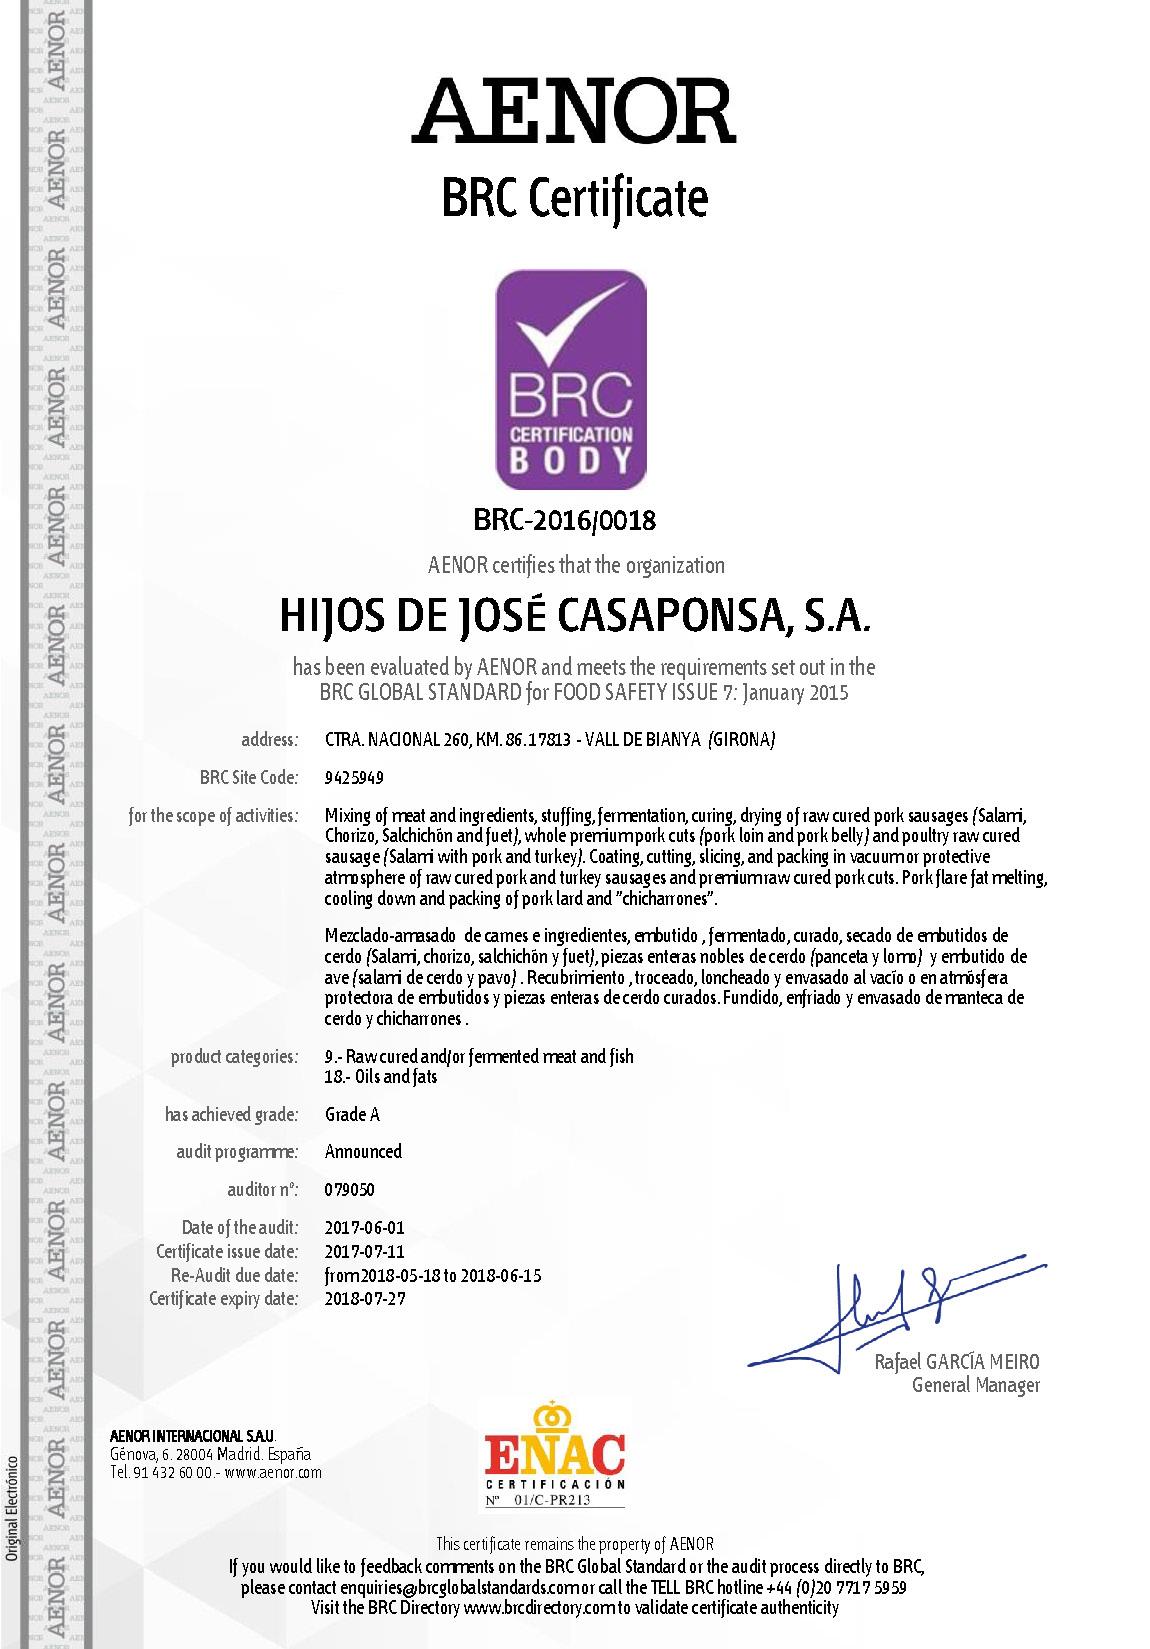 Certificado BRC Casaponsa